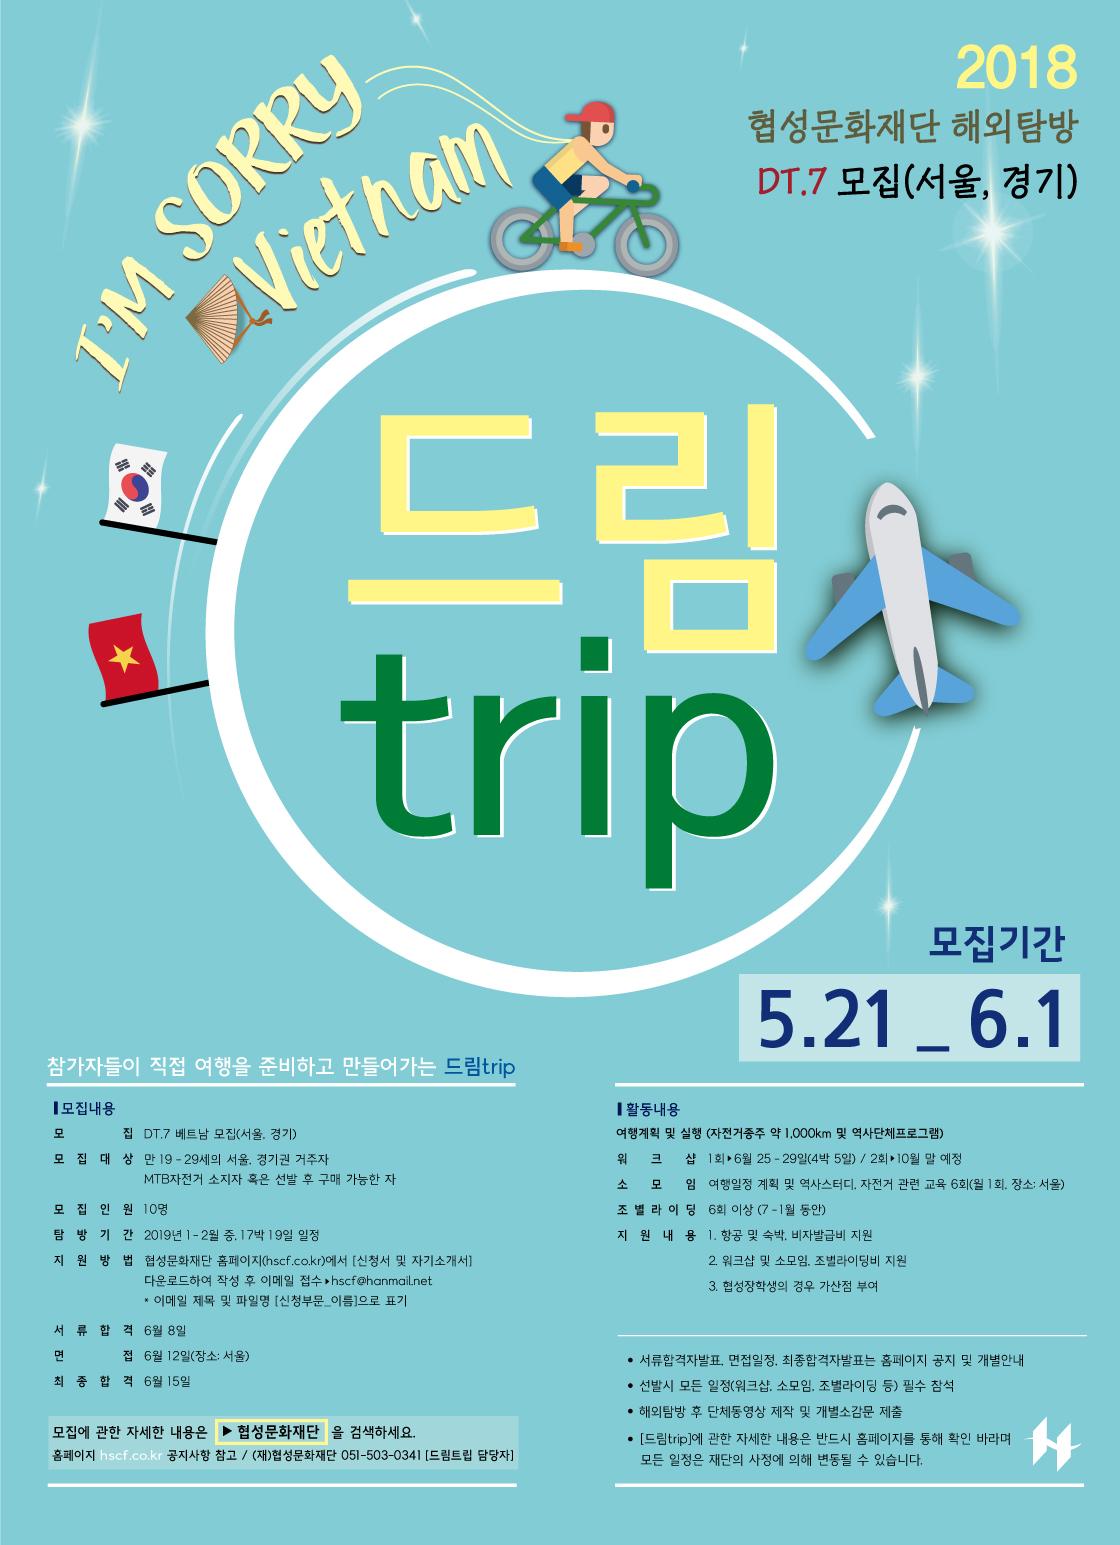 [협성문화재단] 해외탐방 DT.7 베트남 모집(서울, 경기)